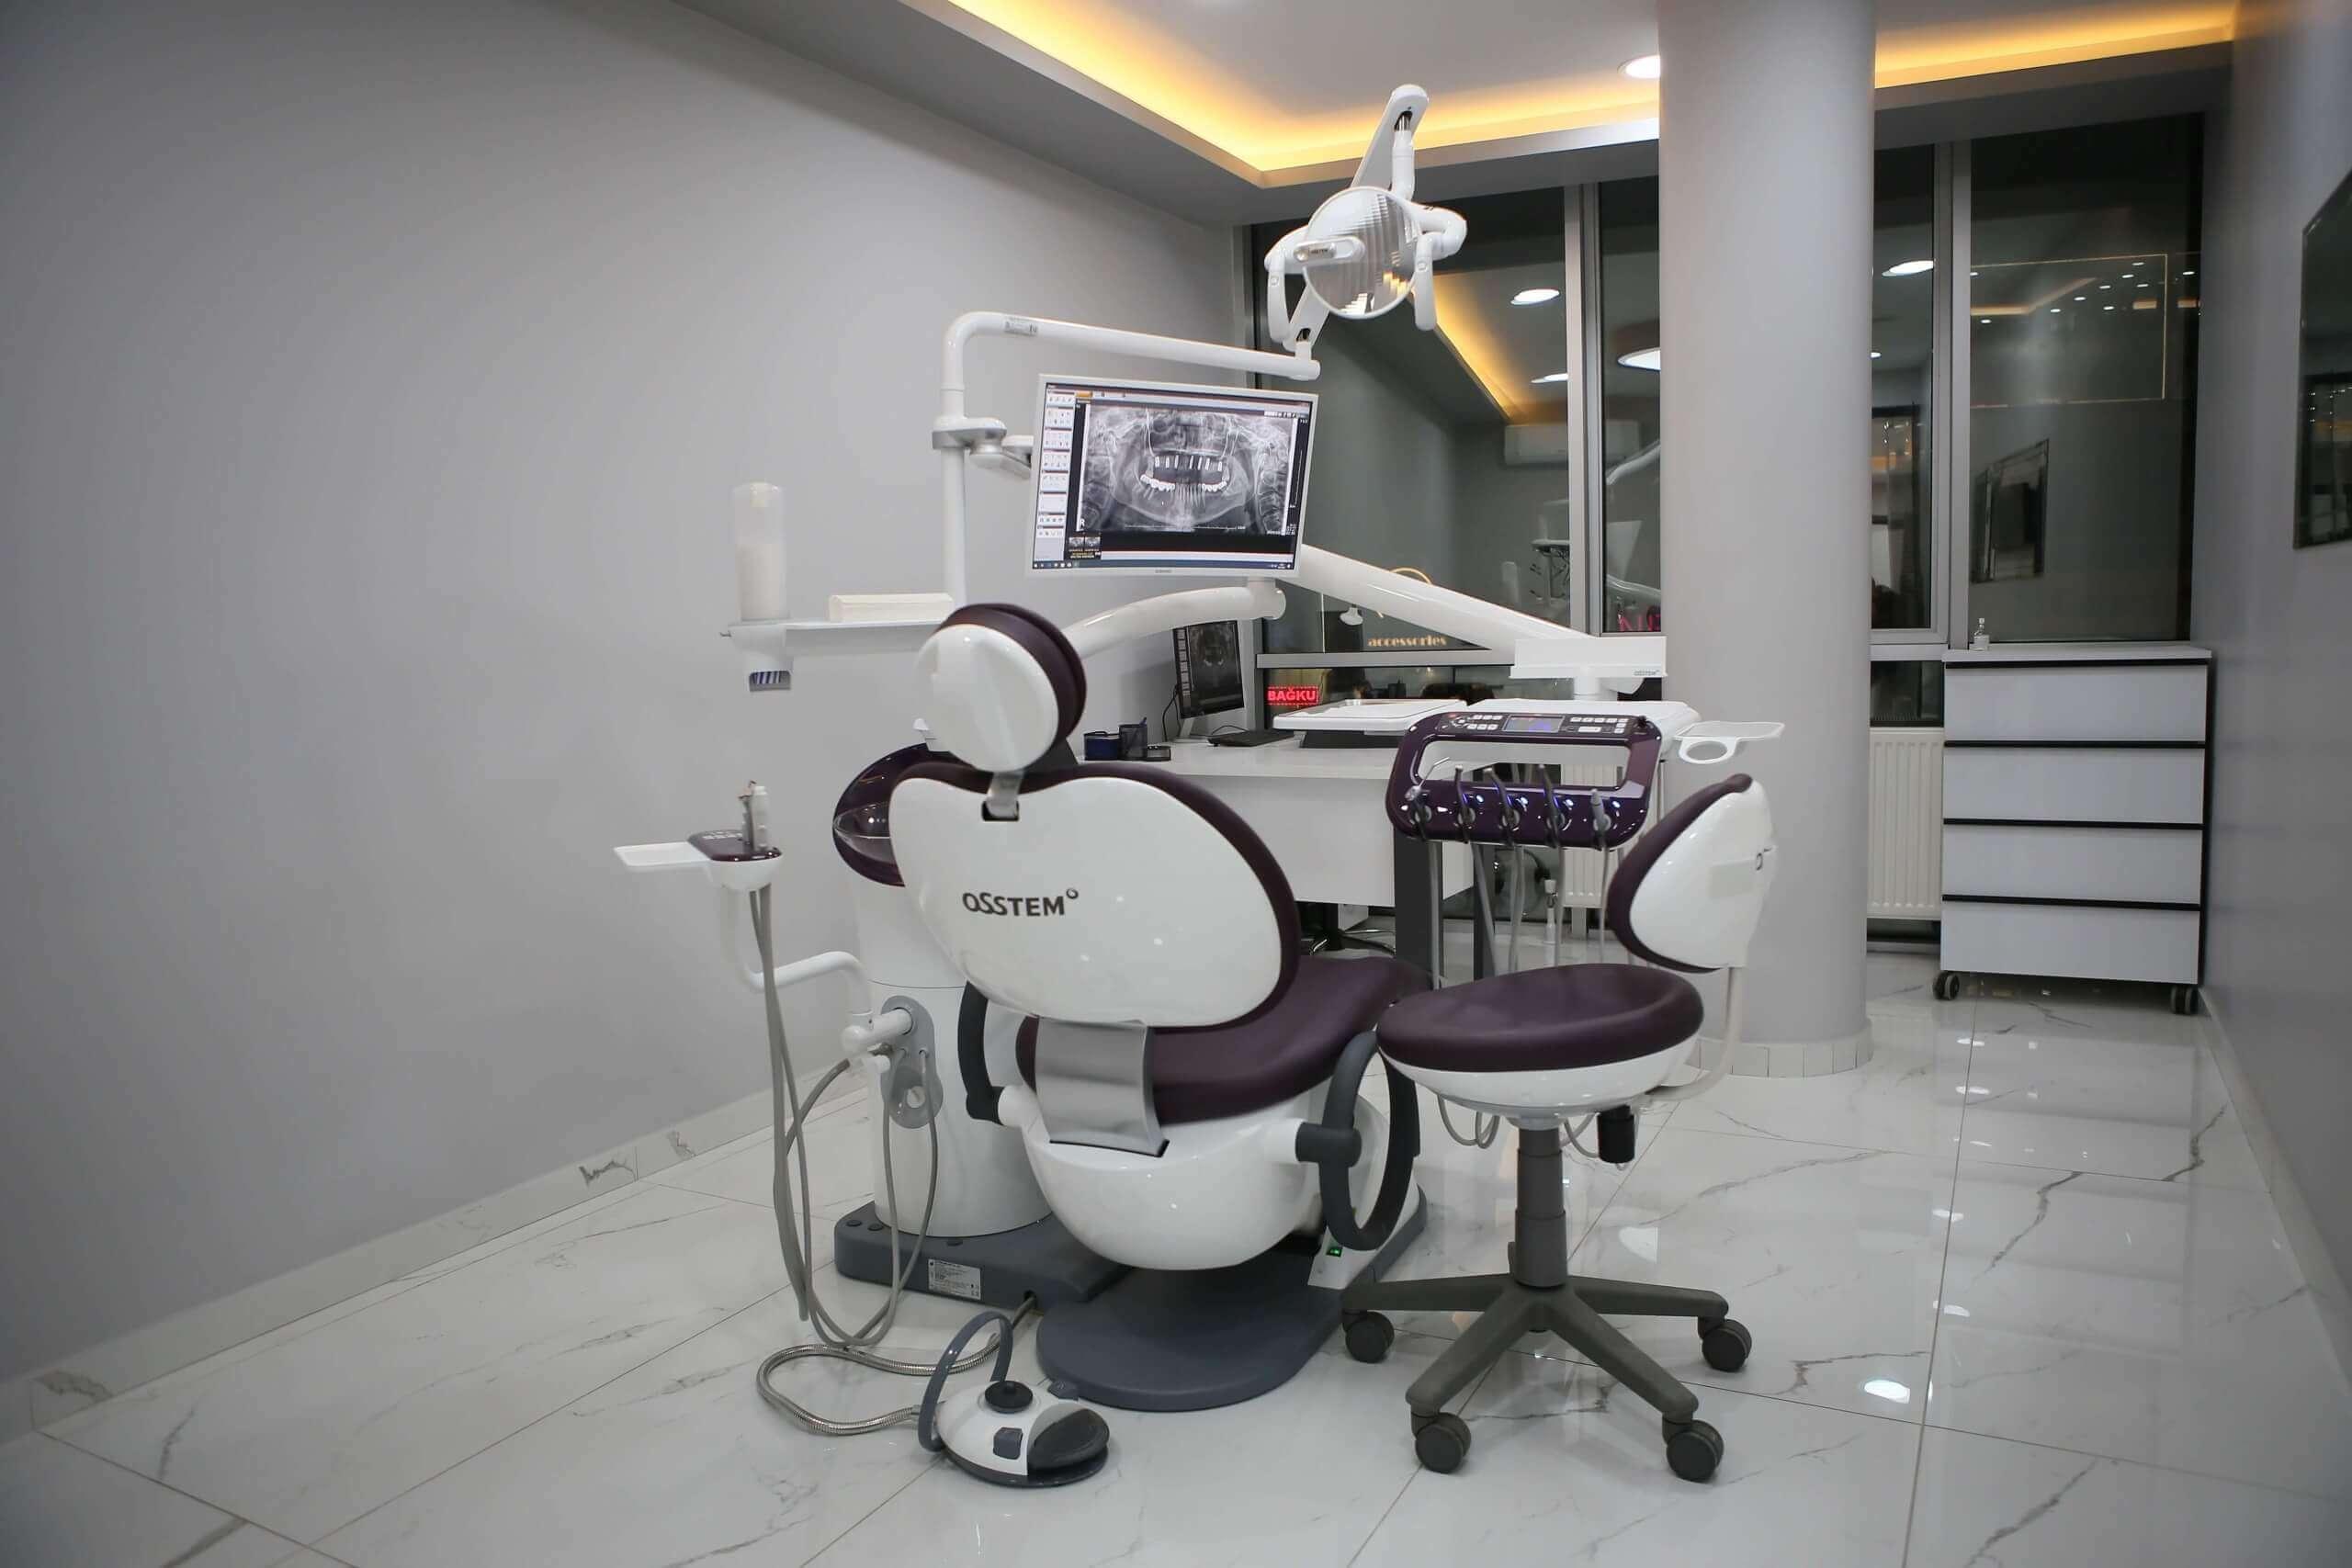 küçükçekmece implant, küçükçekmece diş beyazlatma, küçükçekmece şeffaf plak, küçükçekmece ortodonti, küçükçekmece diş hekimi, küçükçekmece diş kliniği, sefaköy diş hekimi, sefaköy diş kliniği, küçükçekmece ortodonti doktoru, sefaköy ortodonti doktoru